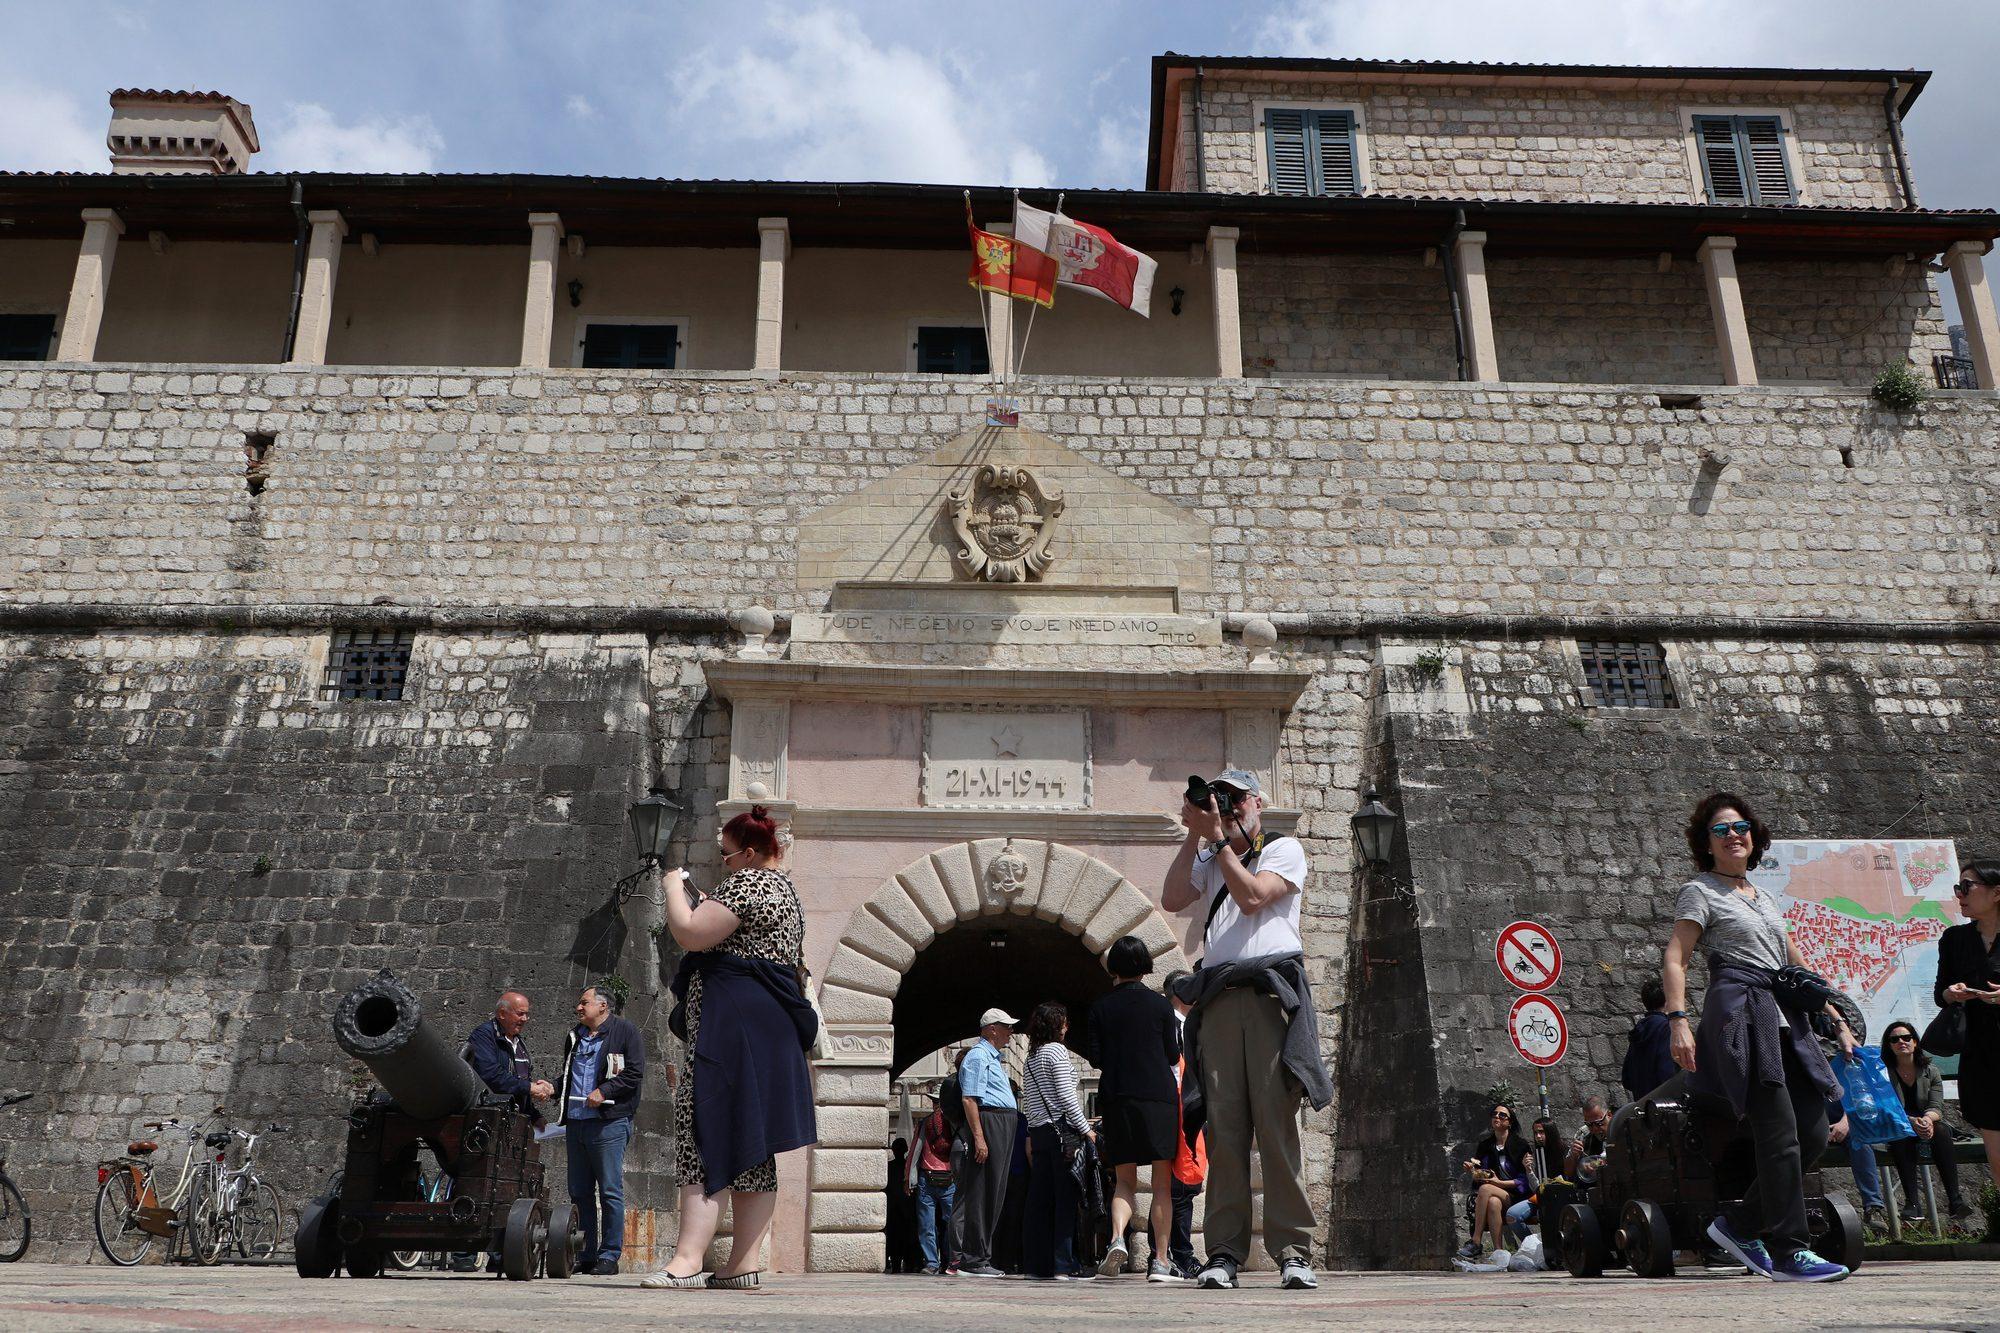 Stadtmauer von Kotor in Montenegro